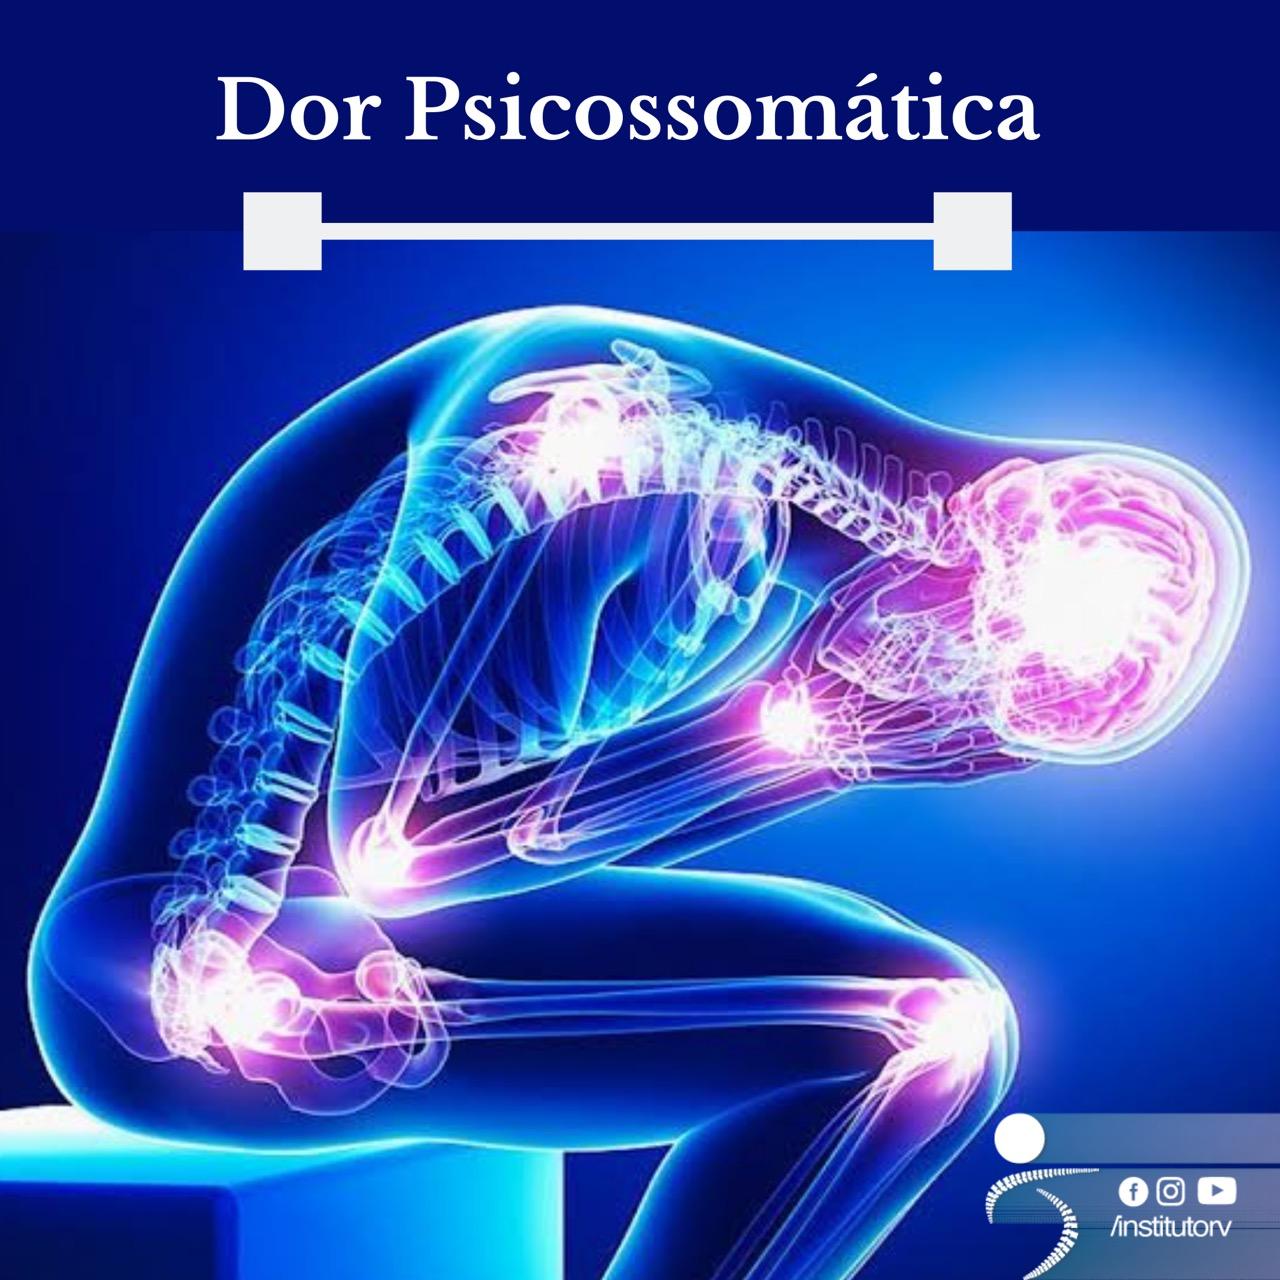 Dor psicossomática